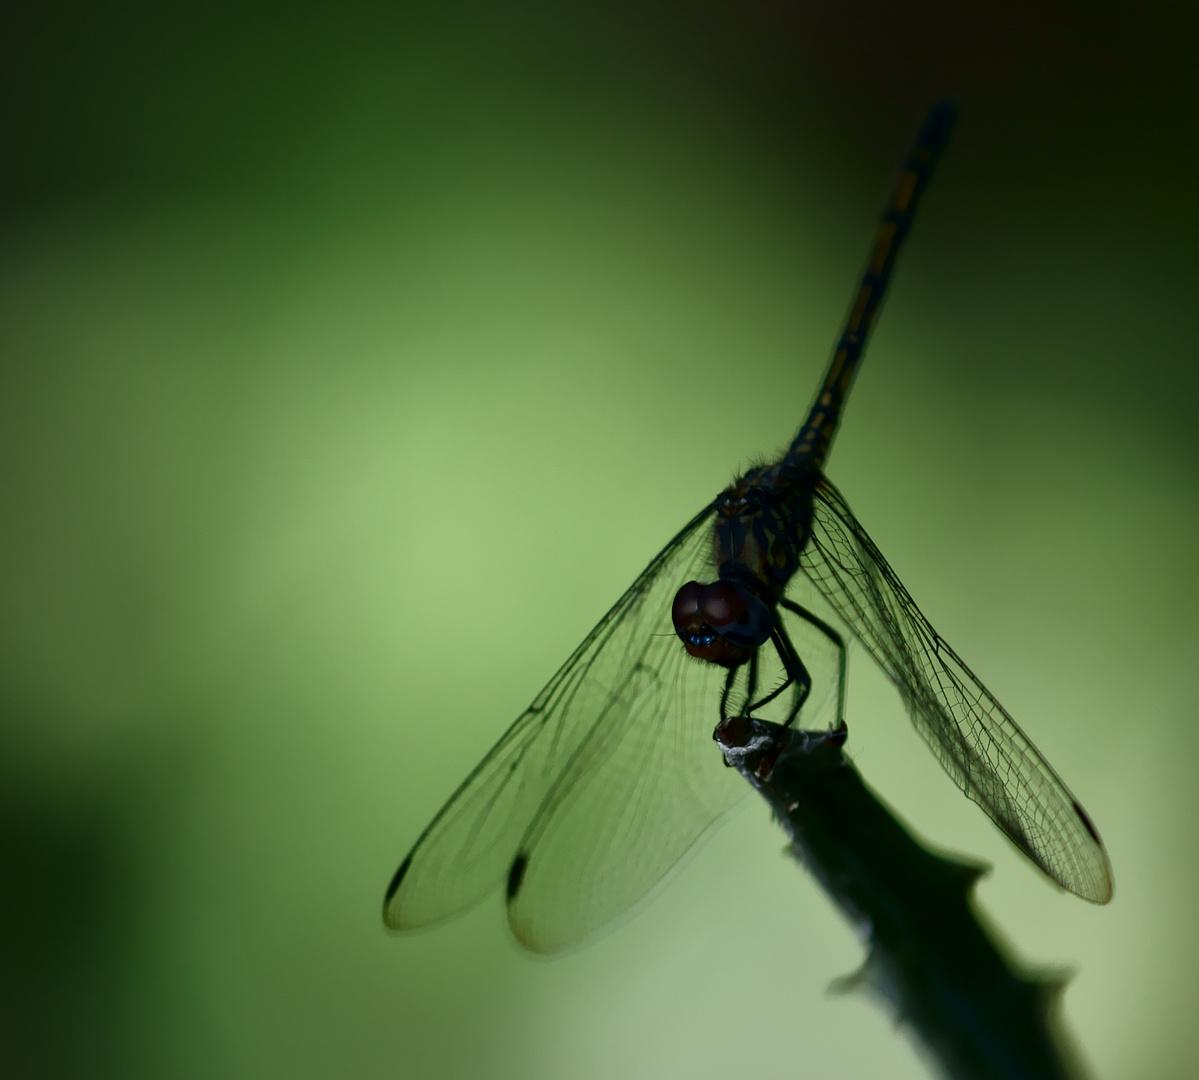 Es gibt viele Libellenfotos...